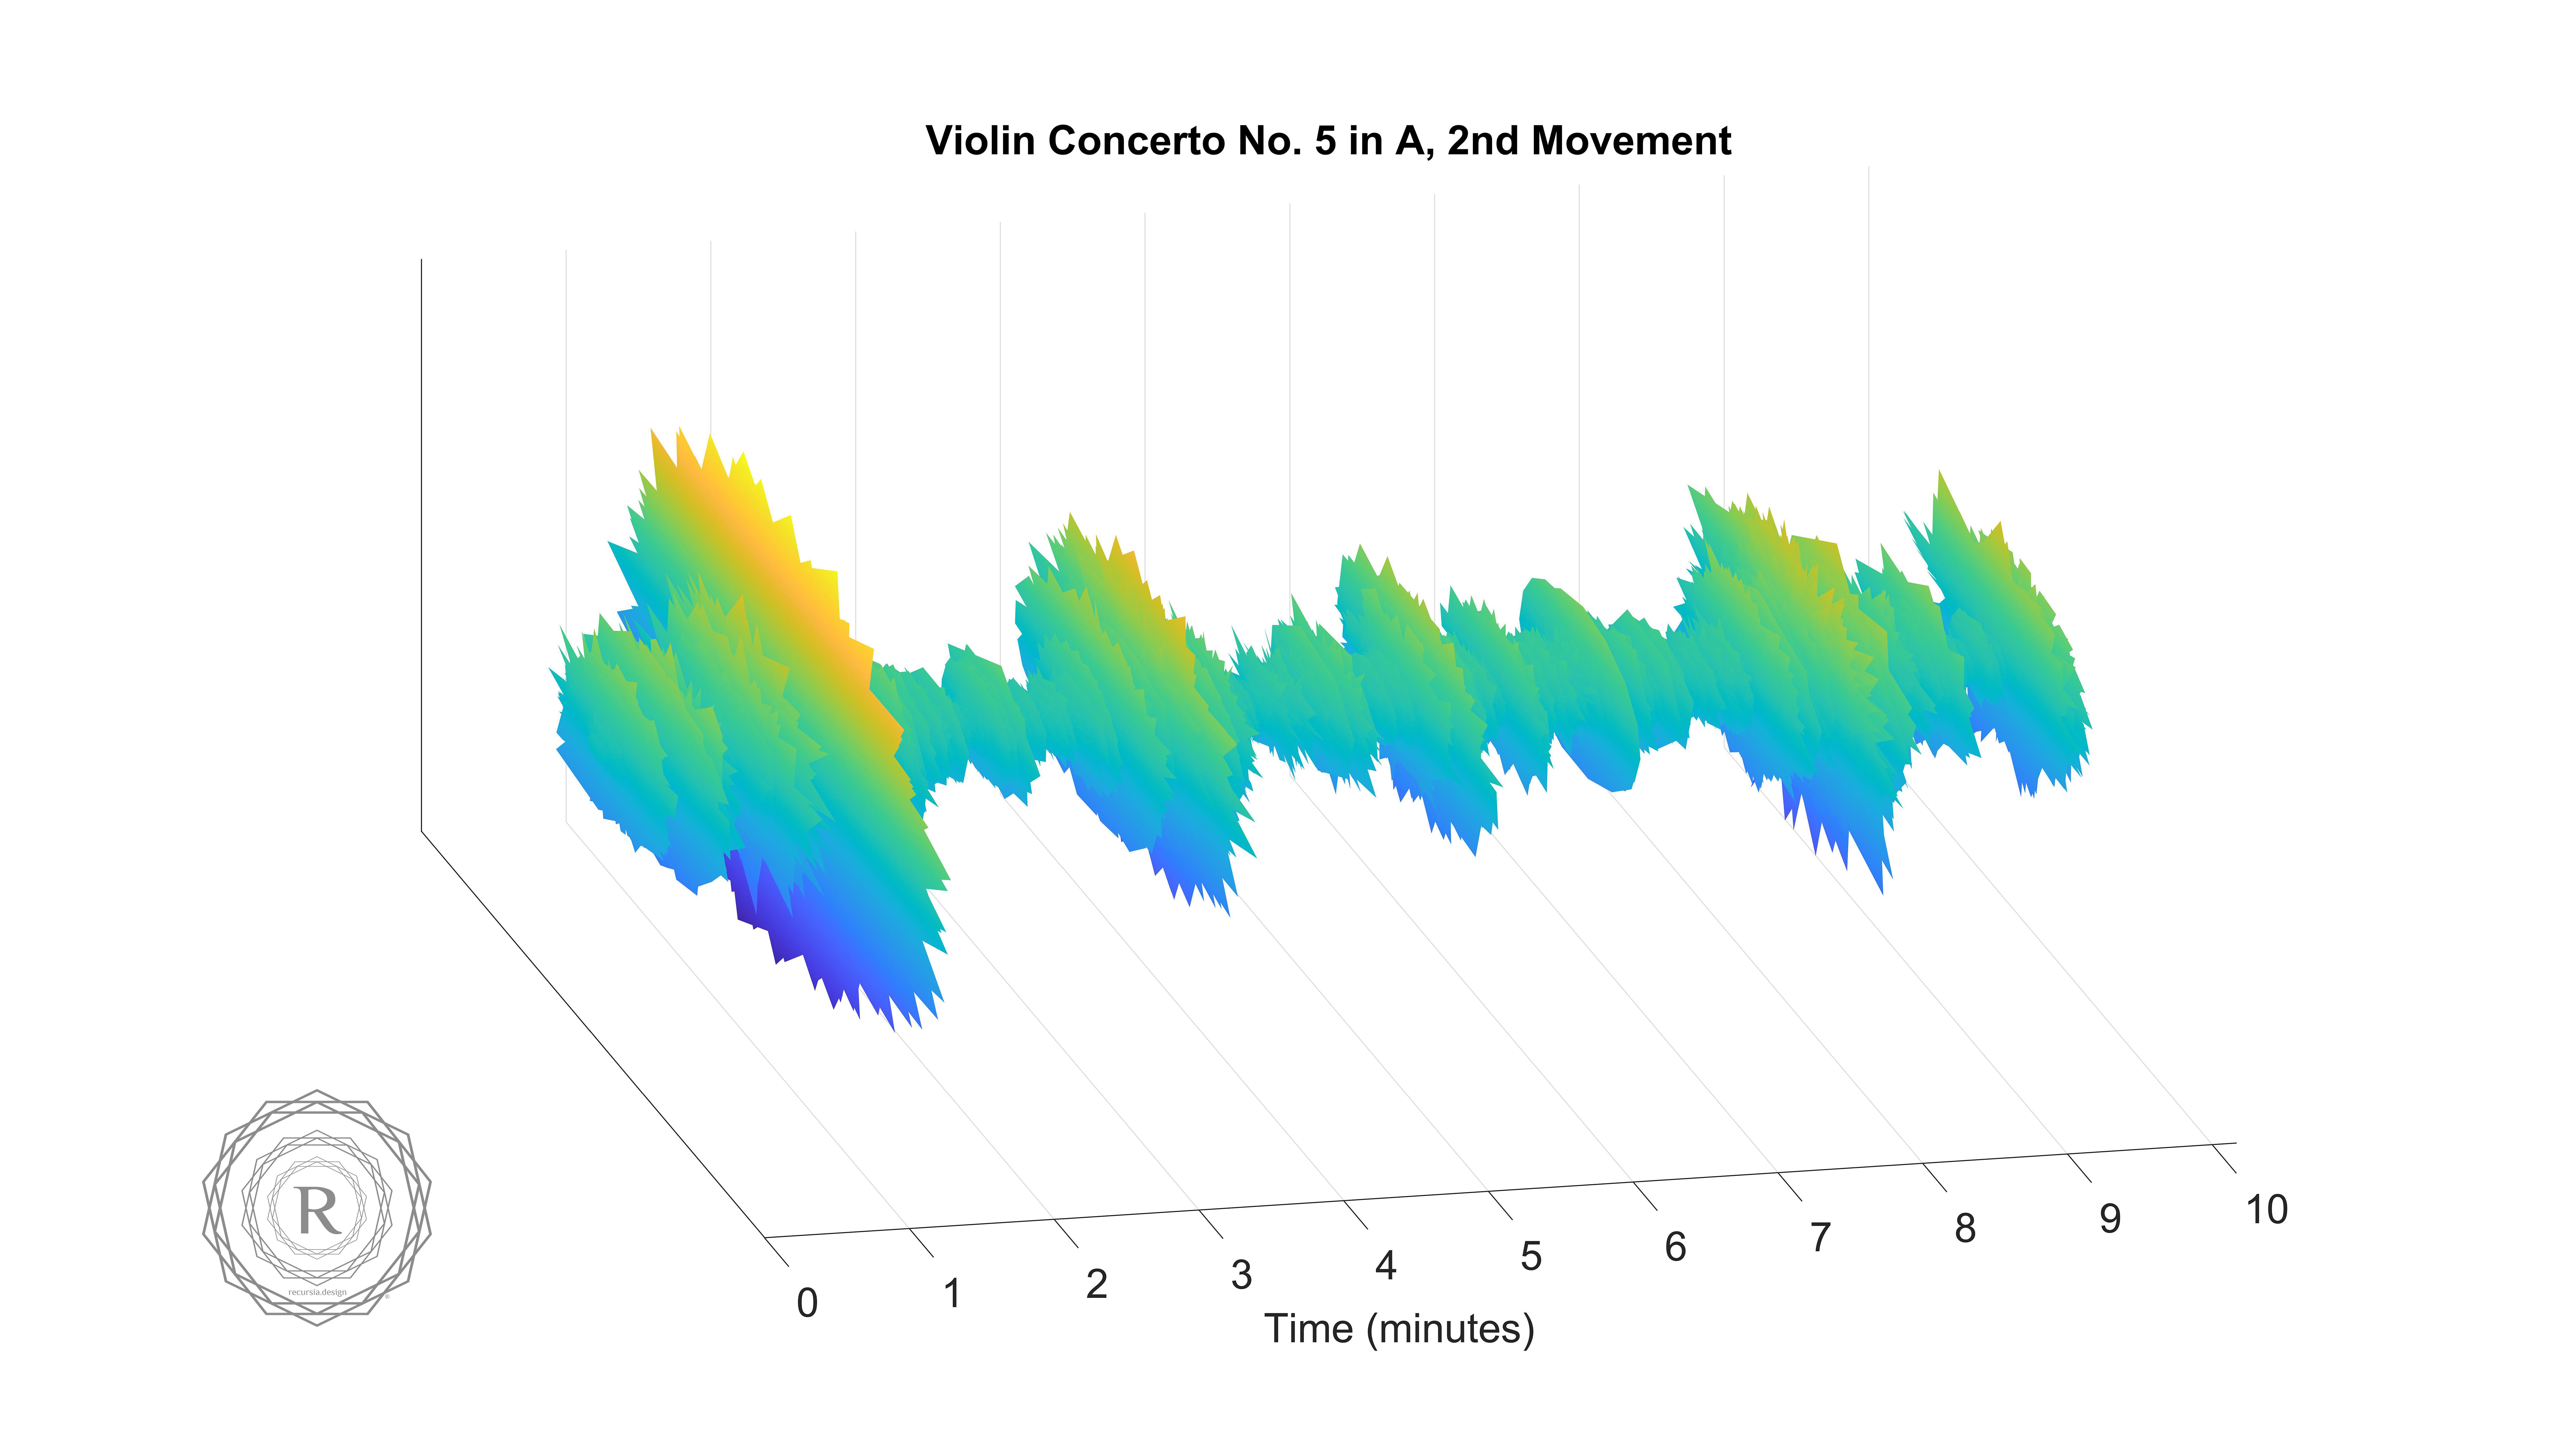 Violin Concerto No